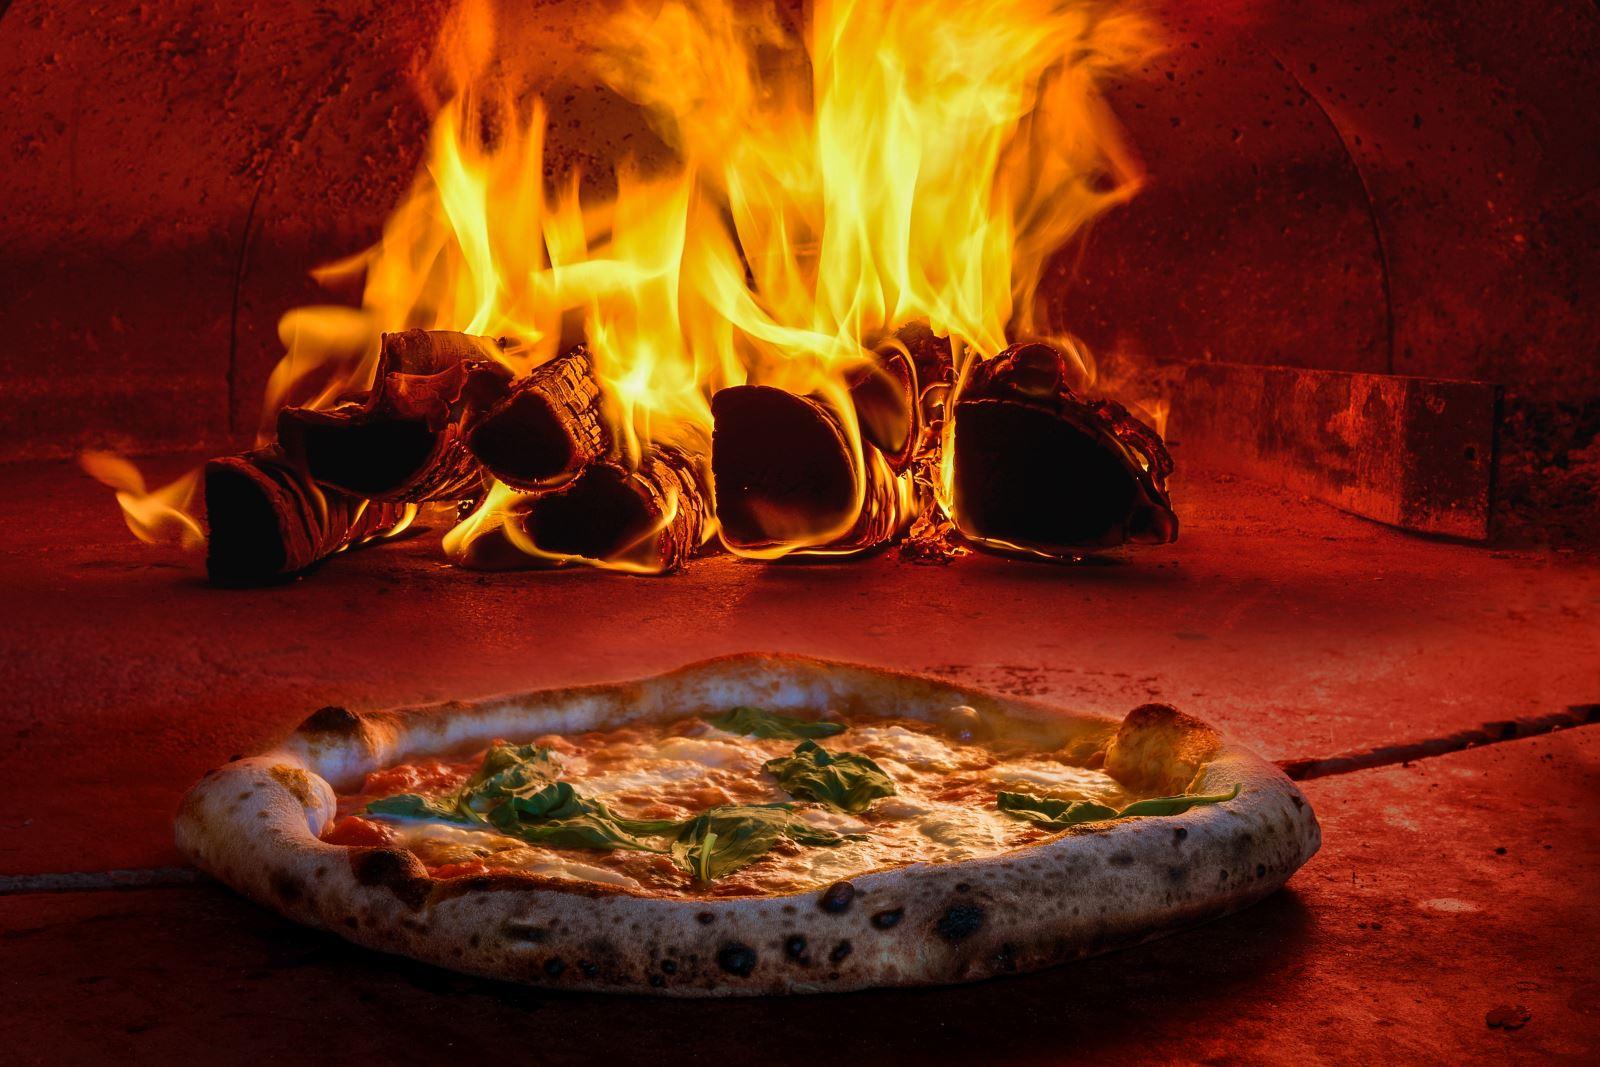 una pizza e delle legna che brucia in un forno